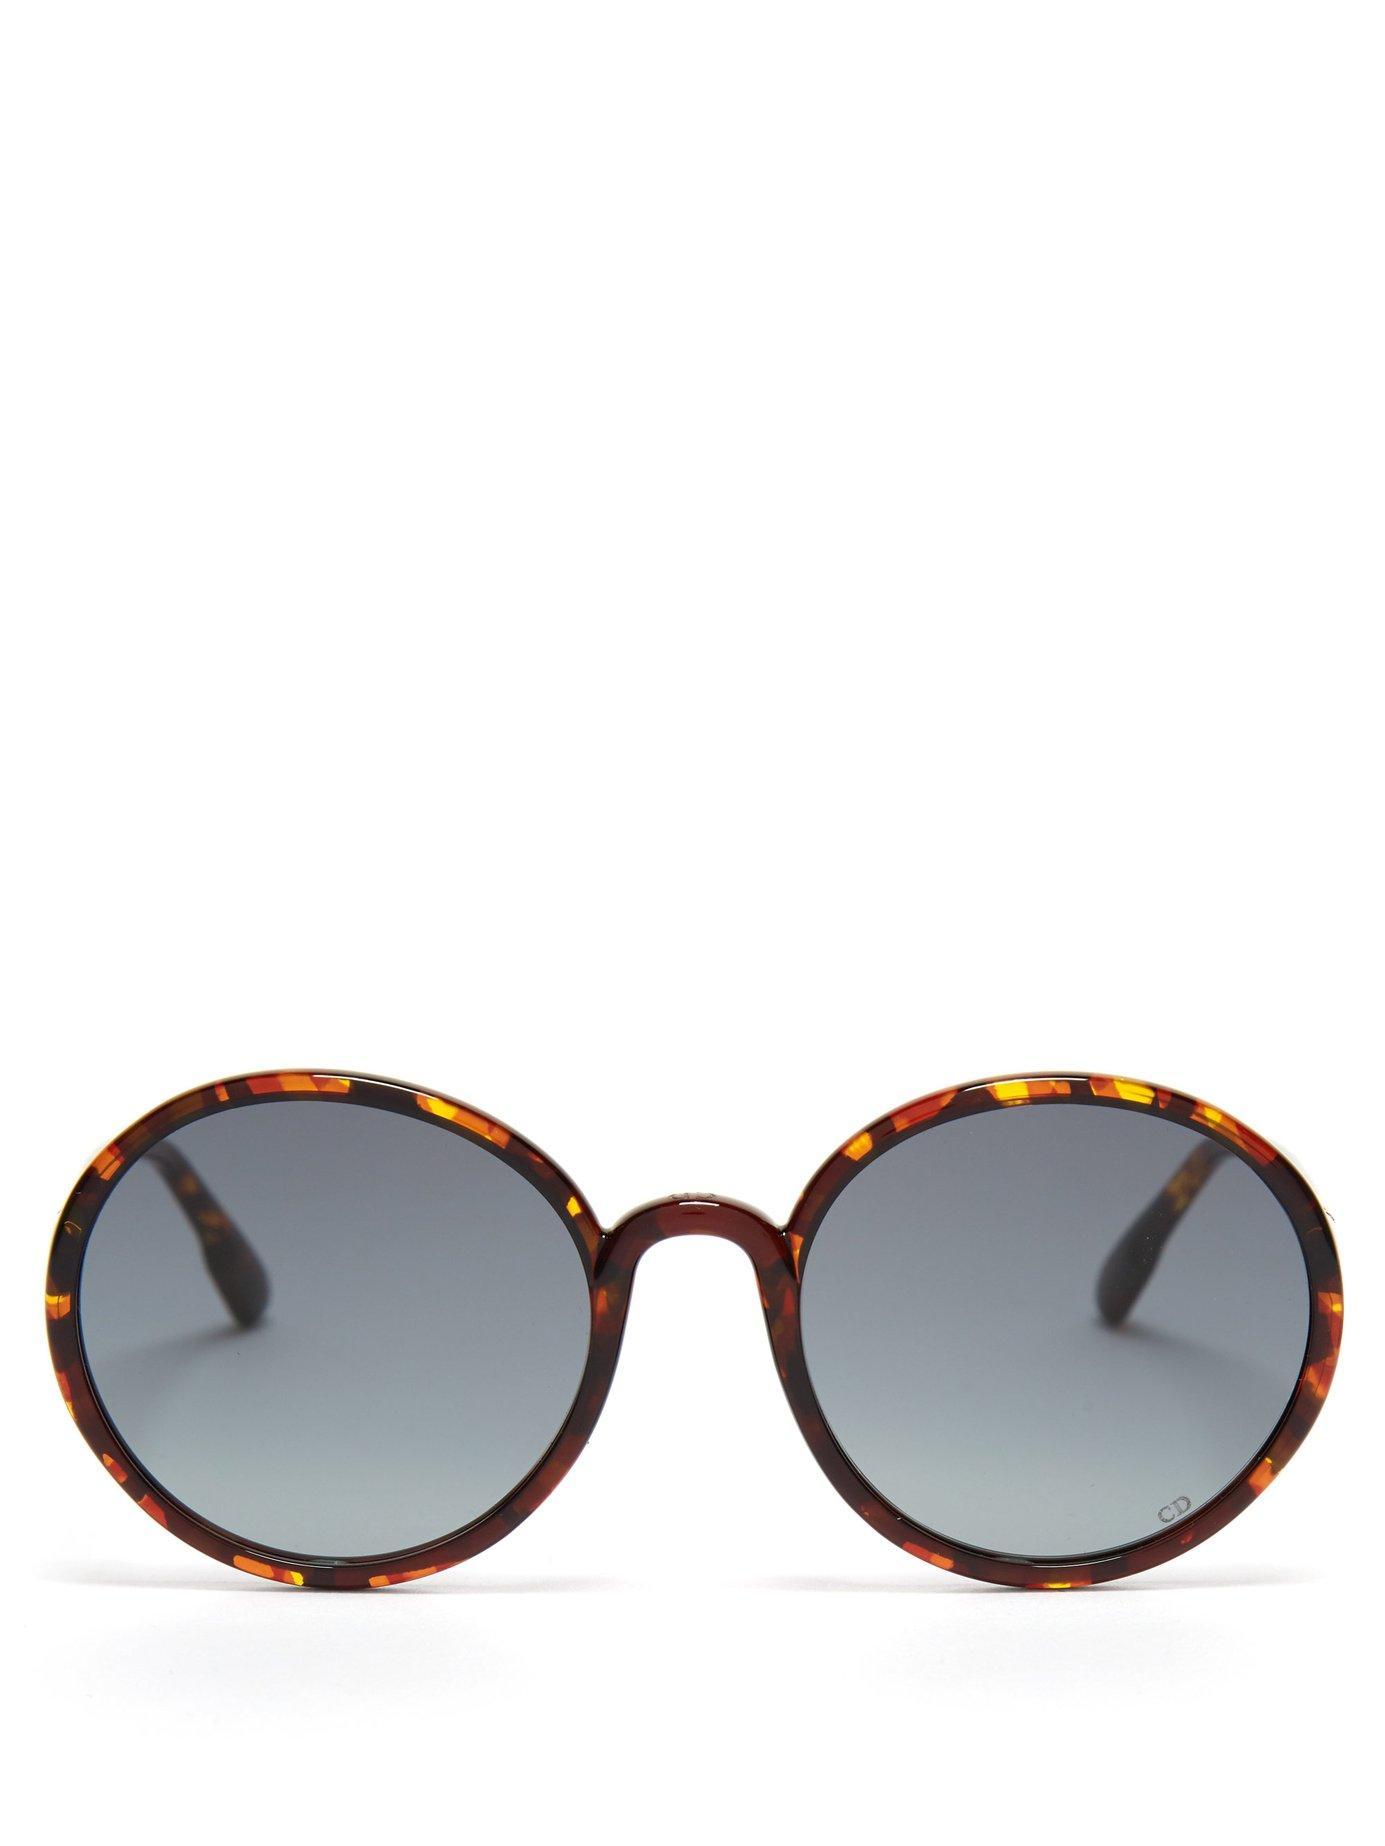 1324b1e93b23 Dior. Women s Diorsostellaire2 Tortoiseshell Acetate Sunglasses